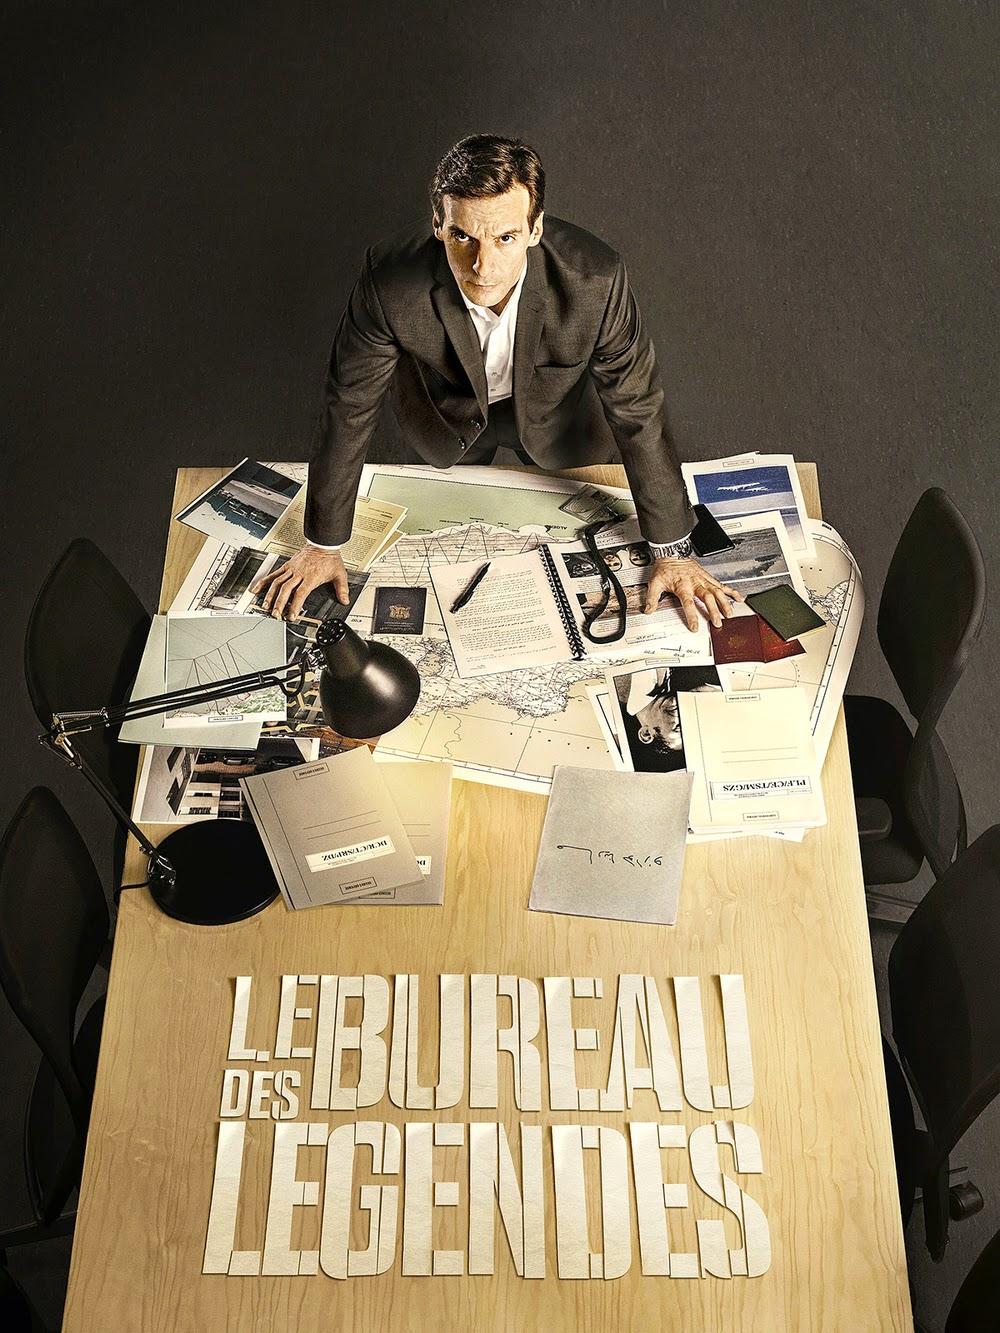 Le Bureau des Légendes - poster